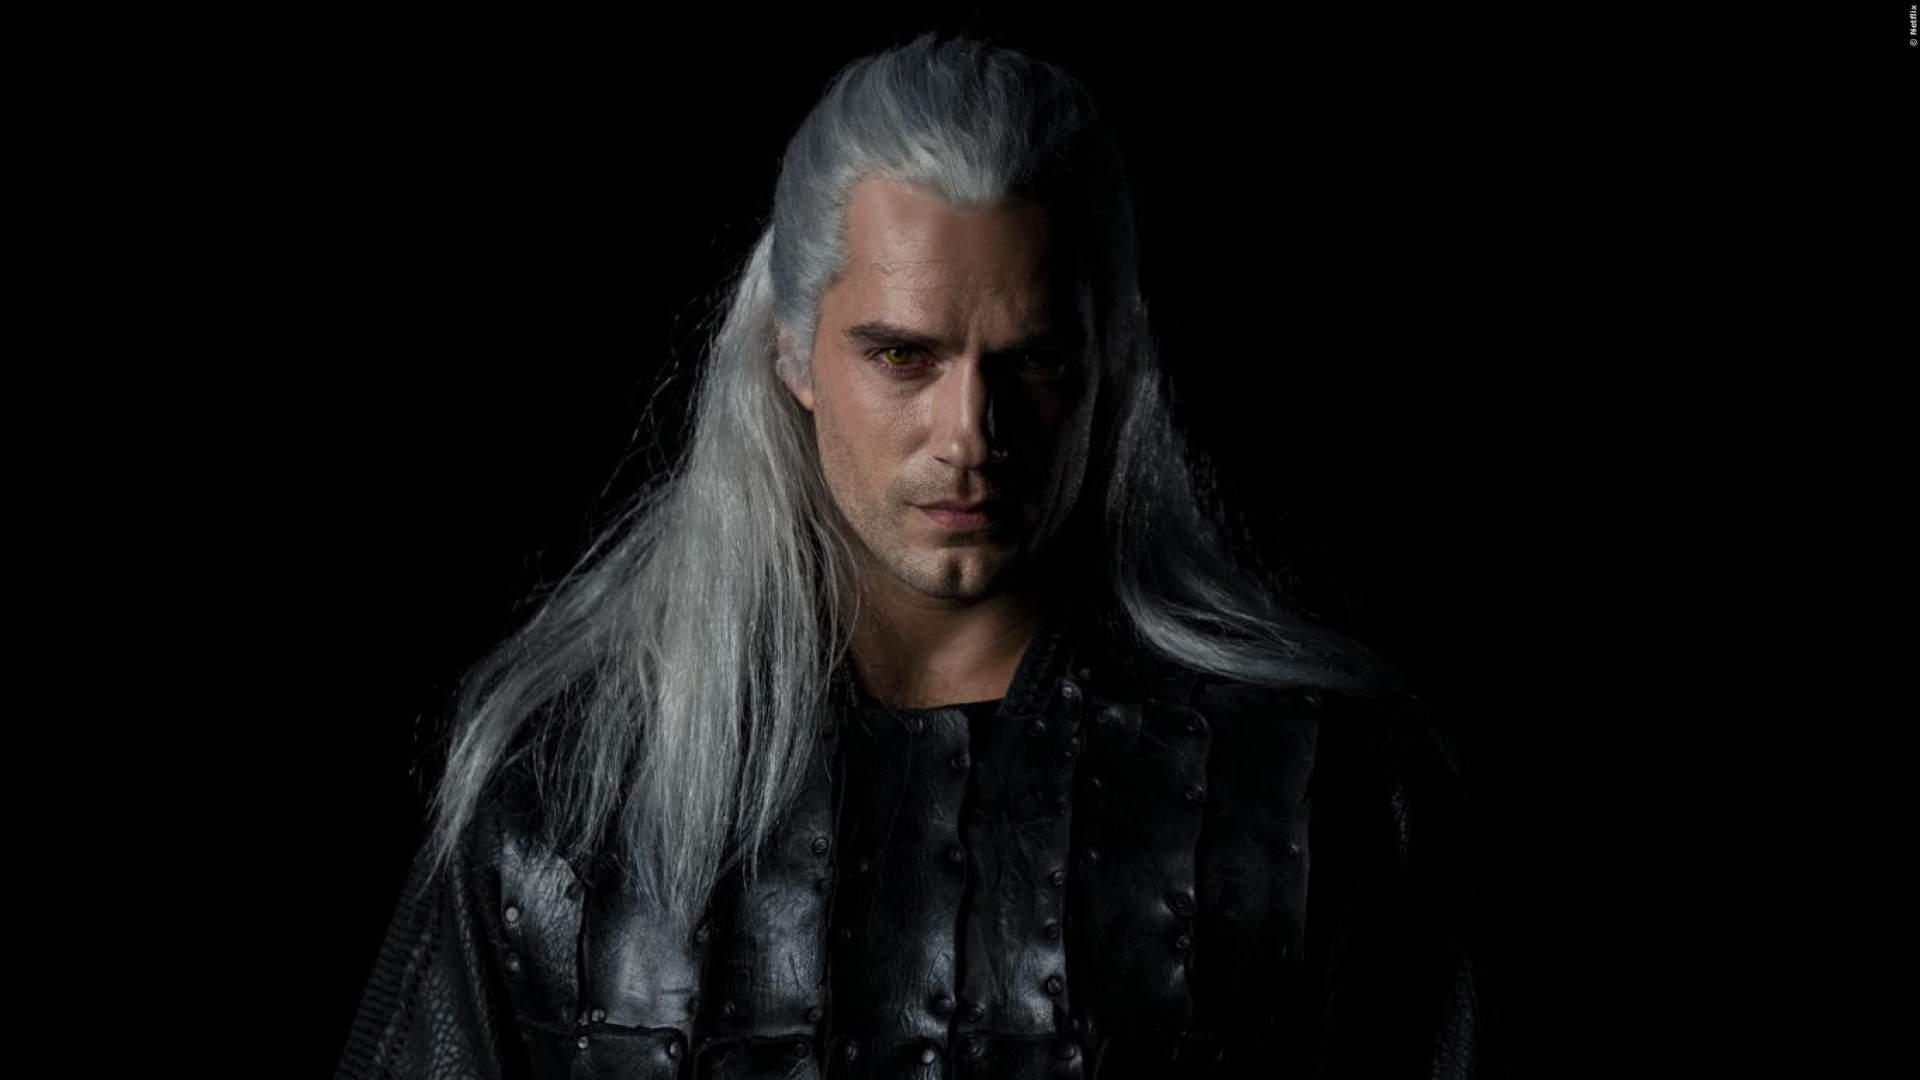 'The Witcher': Neue Bilder zur Netflix-Serie lassen Fans ausrasten